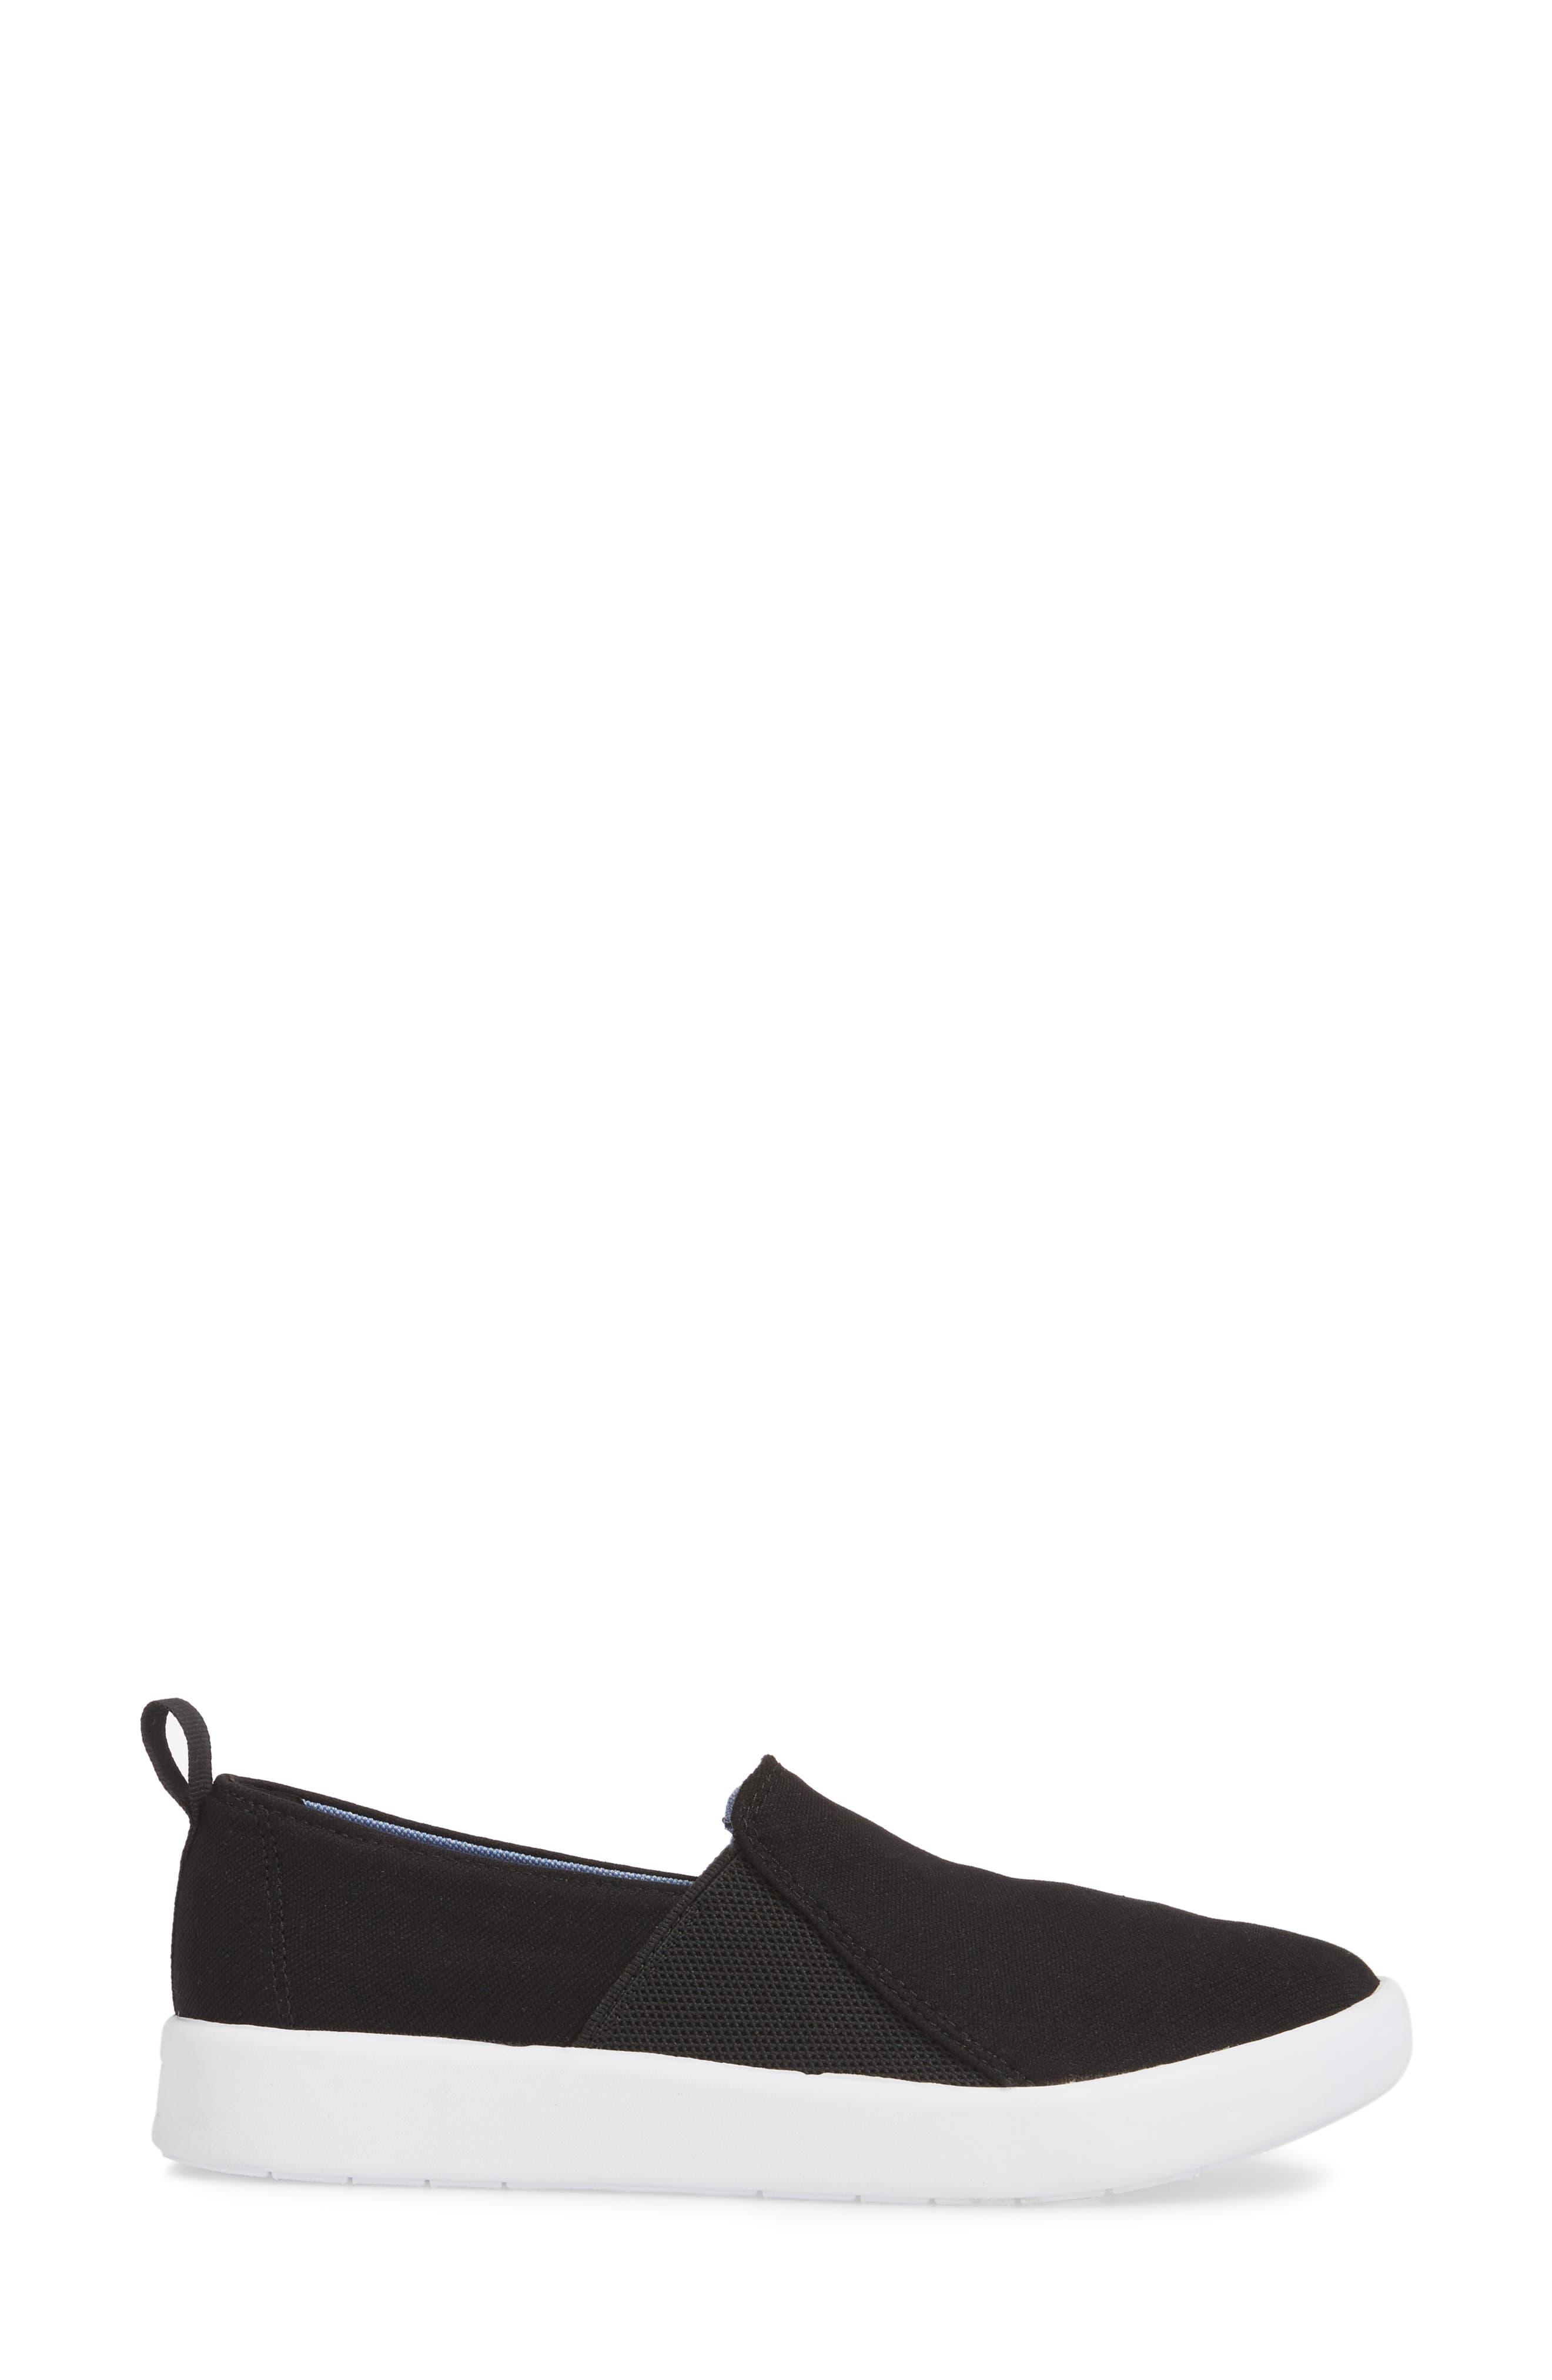 Studio Liv Jersey Slip-On Sneaker,                             Alternate thumbnail 3, color,                             Black